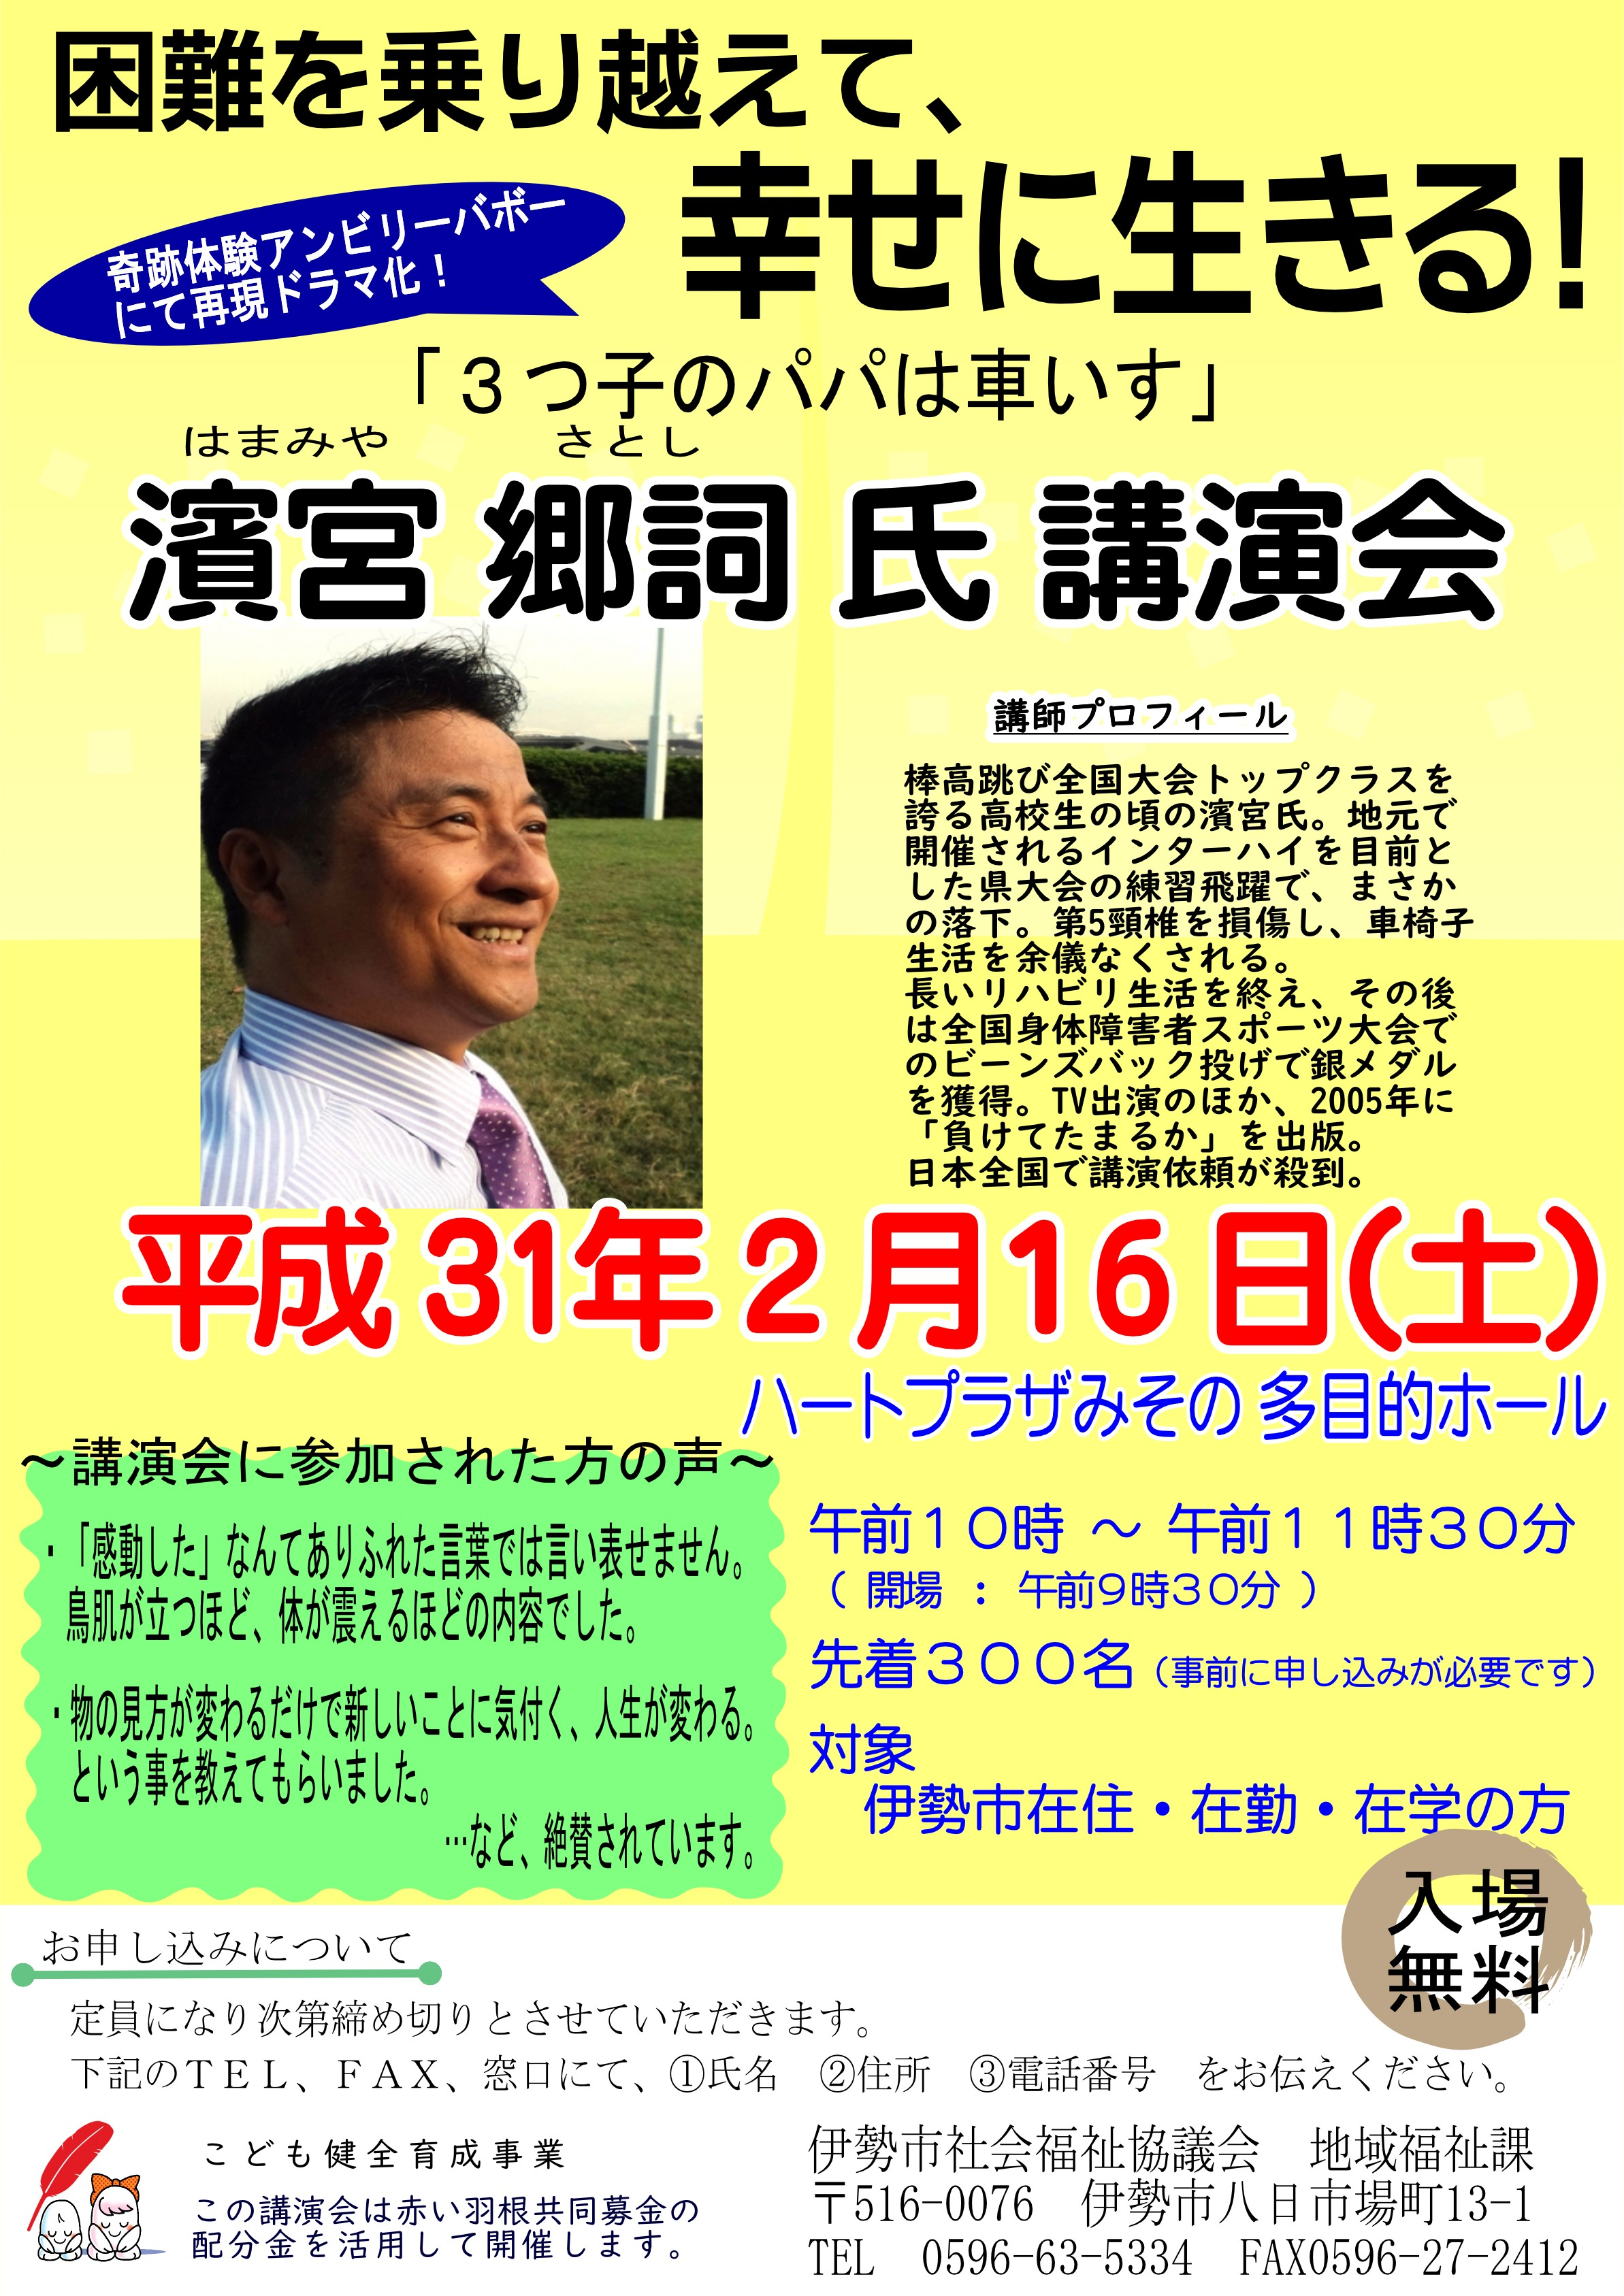 【チラシ】濱宮郷詞氏講演会